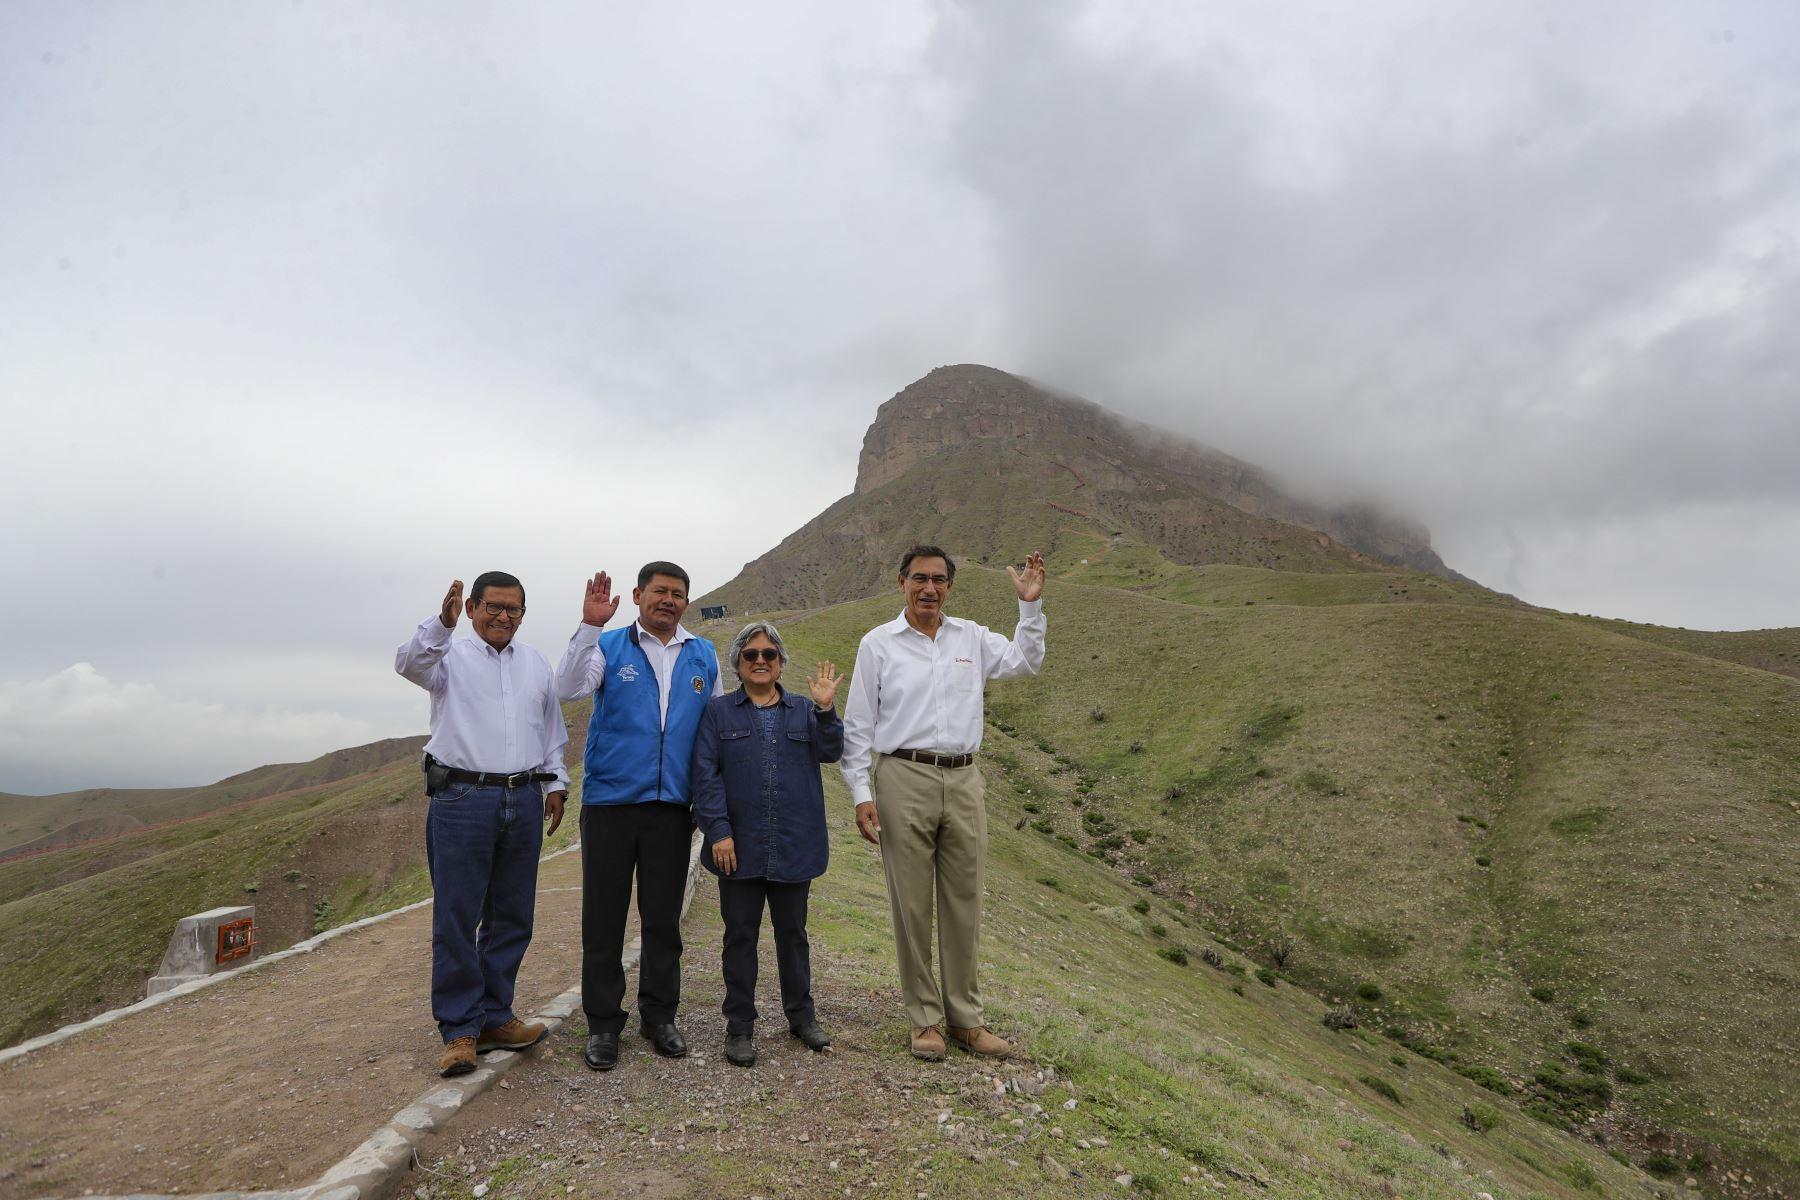 Jefe de Estado Supervisa las obras de puesta en valor de sitio arqueológico Cerro Baúl. Foto: ANDINA/Prensa Presidencia